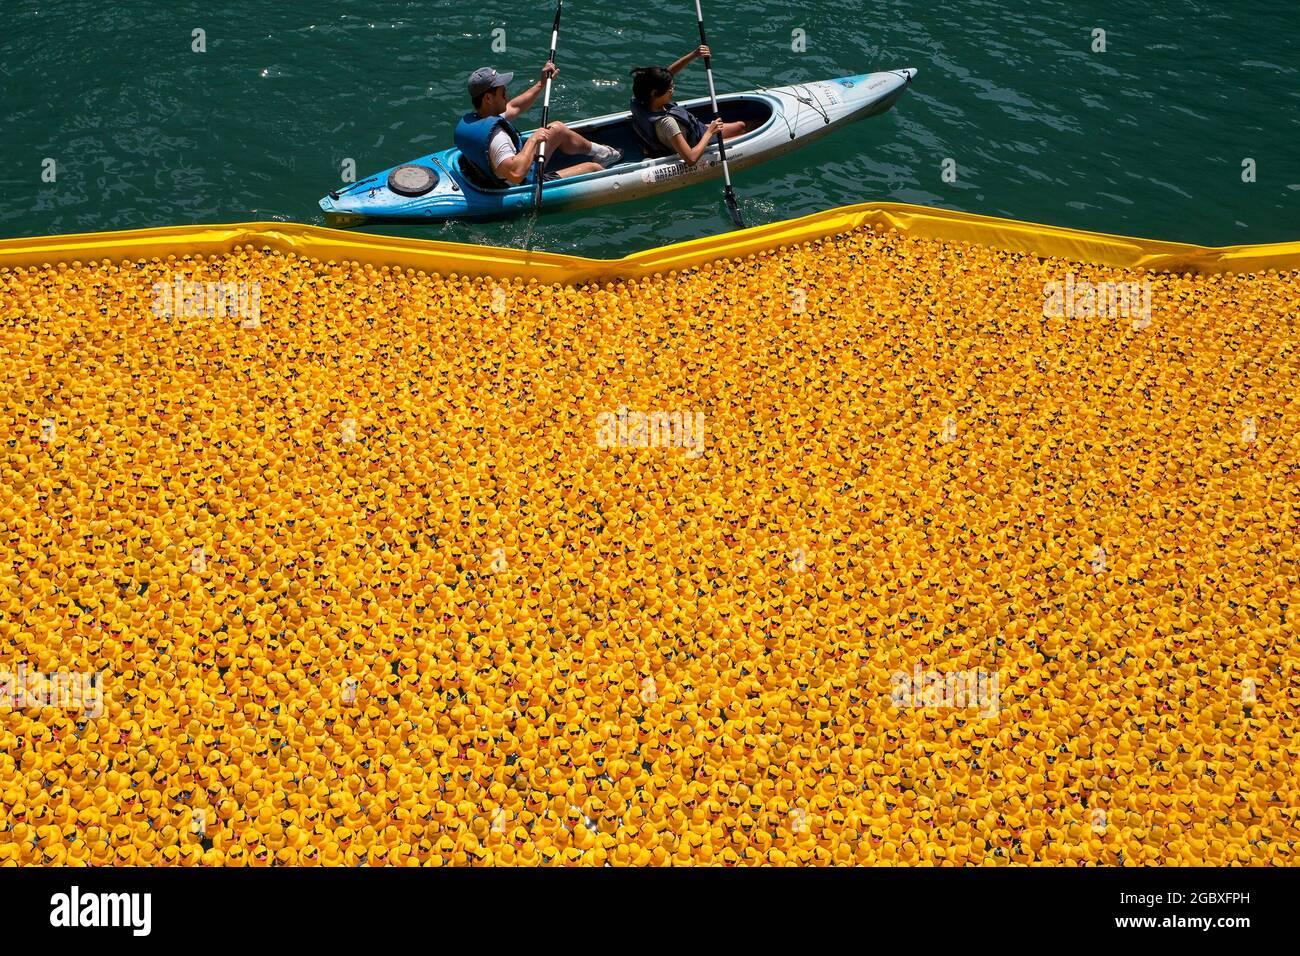 Chicago, Illinois, Stati Uniti. 5 agosto 2021. La gente pagaia in un kayak dalle anatre di gomma dopo essere stata versata nel fiume Chicago per il Chicago Ducky Derby, Giovedi. Oltre 70,000 anatre di gomma sono corse lungo il fiume Chicago come una raccolta di fondi annuale che avvantaggerà le Olimpiadi speciali dell'Illinois. (Credit Image: © Ringo Chiu/ZUMA Press Wire) Foto Stock